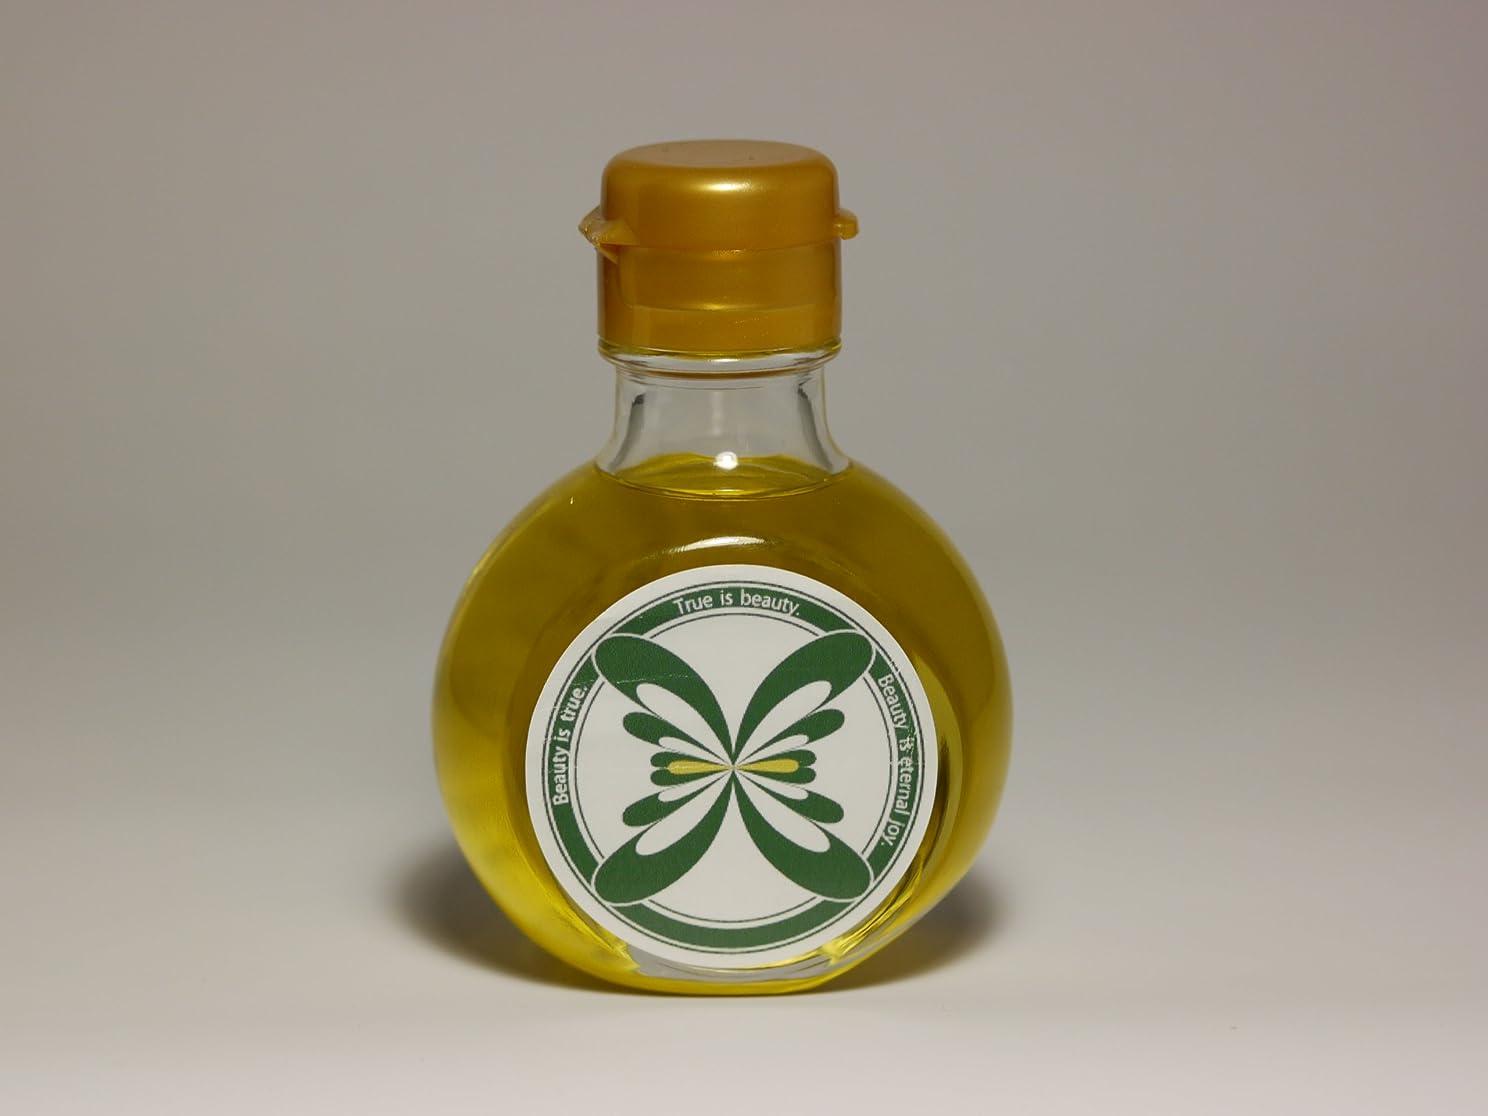 同盟故障中ツーリストモリンガゴールドオイル100 100ml 酸化しにくい飽和脂肪酸含有のモリンガオイル100%で、クレンジング(特にアイメイク落し)?保湿?ヘアオイルなど、色々な用途に使えます。